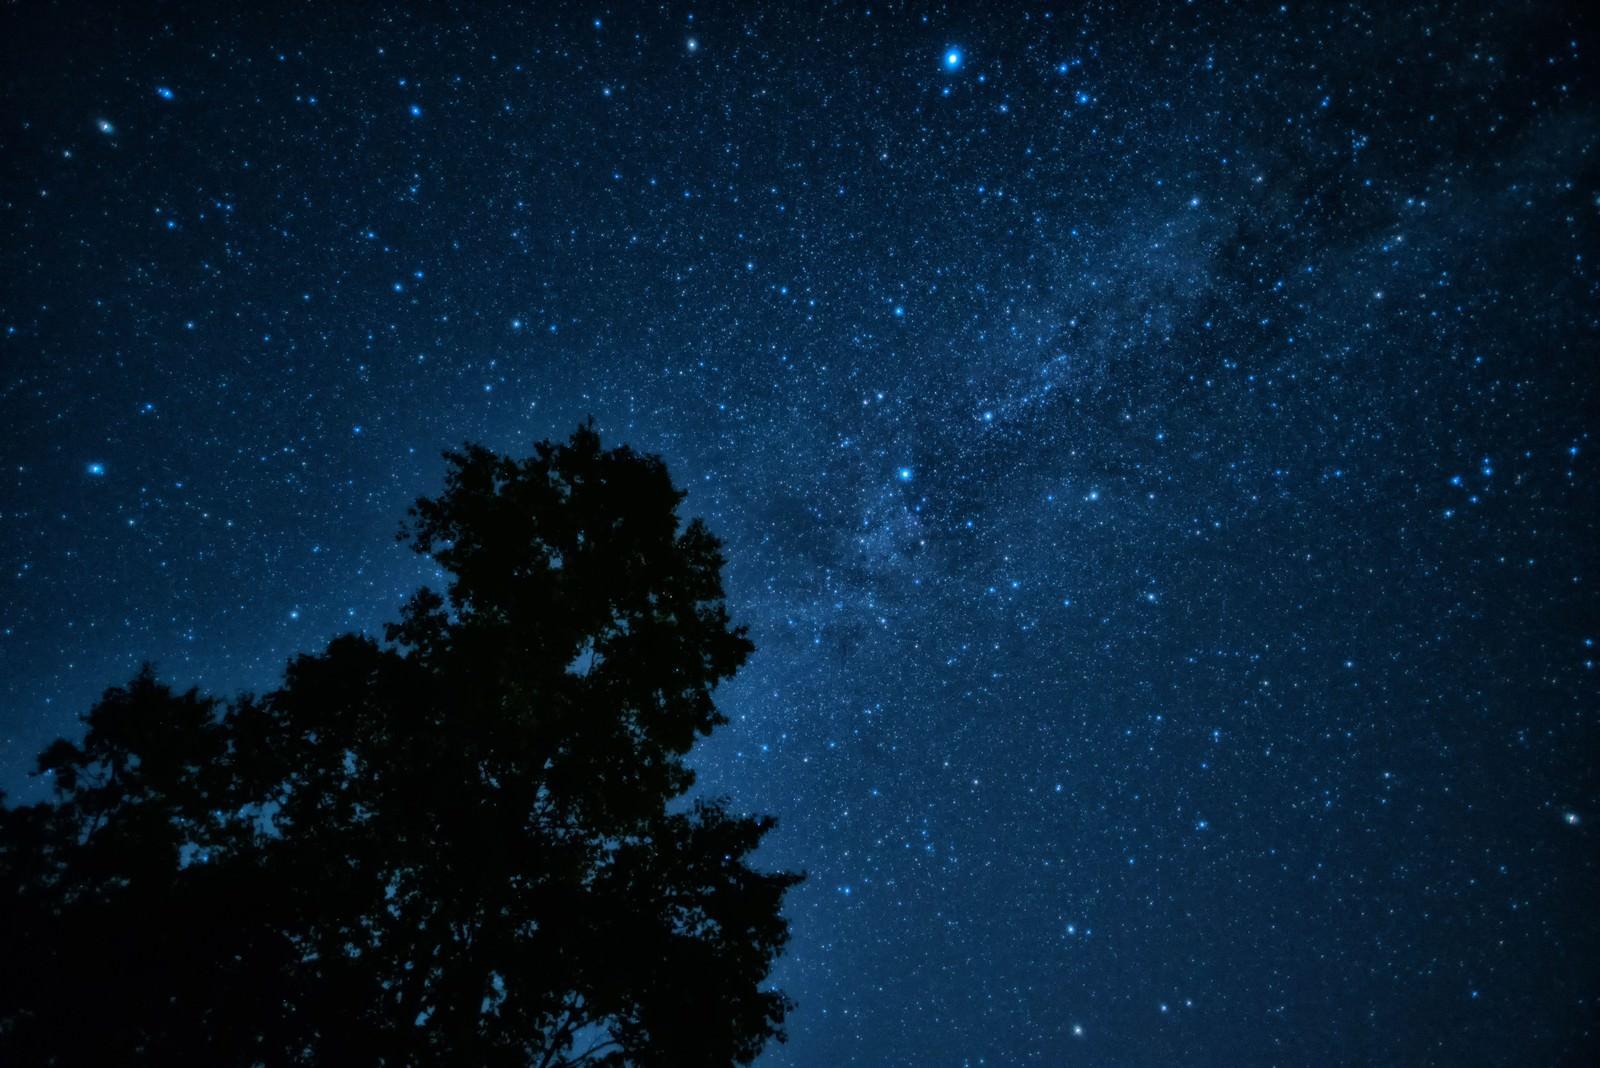 「星空に映る大木のシルエット | 写真の無料素材・フリー素材 - ぱくたそ」の写真